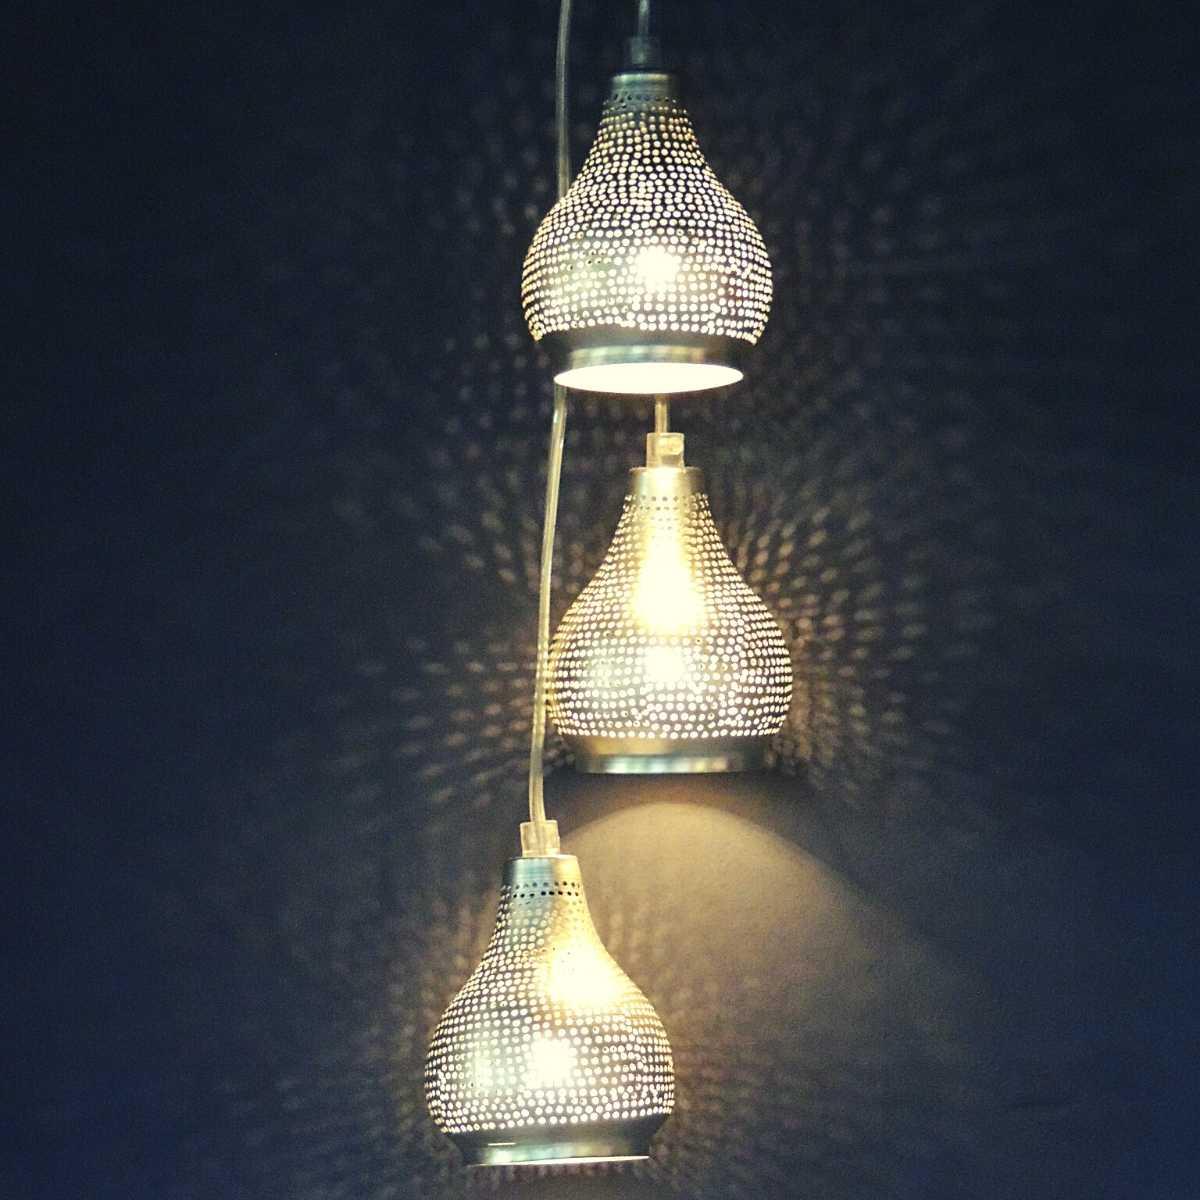 orientalische Lampen Meersburg Therme